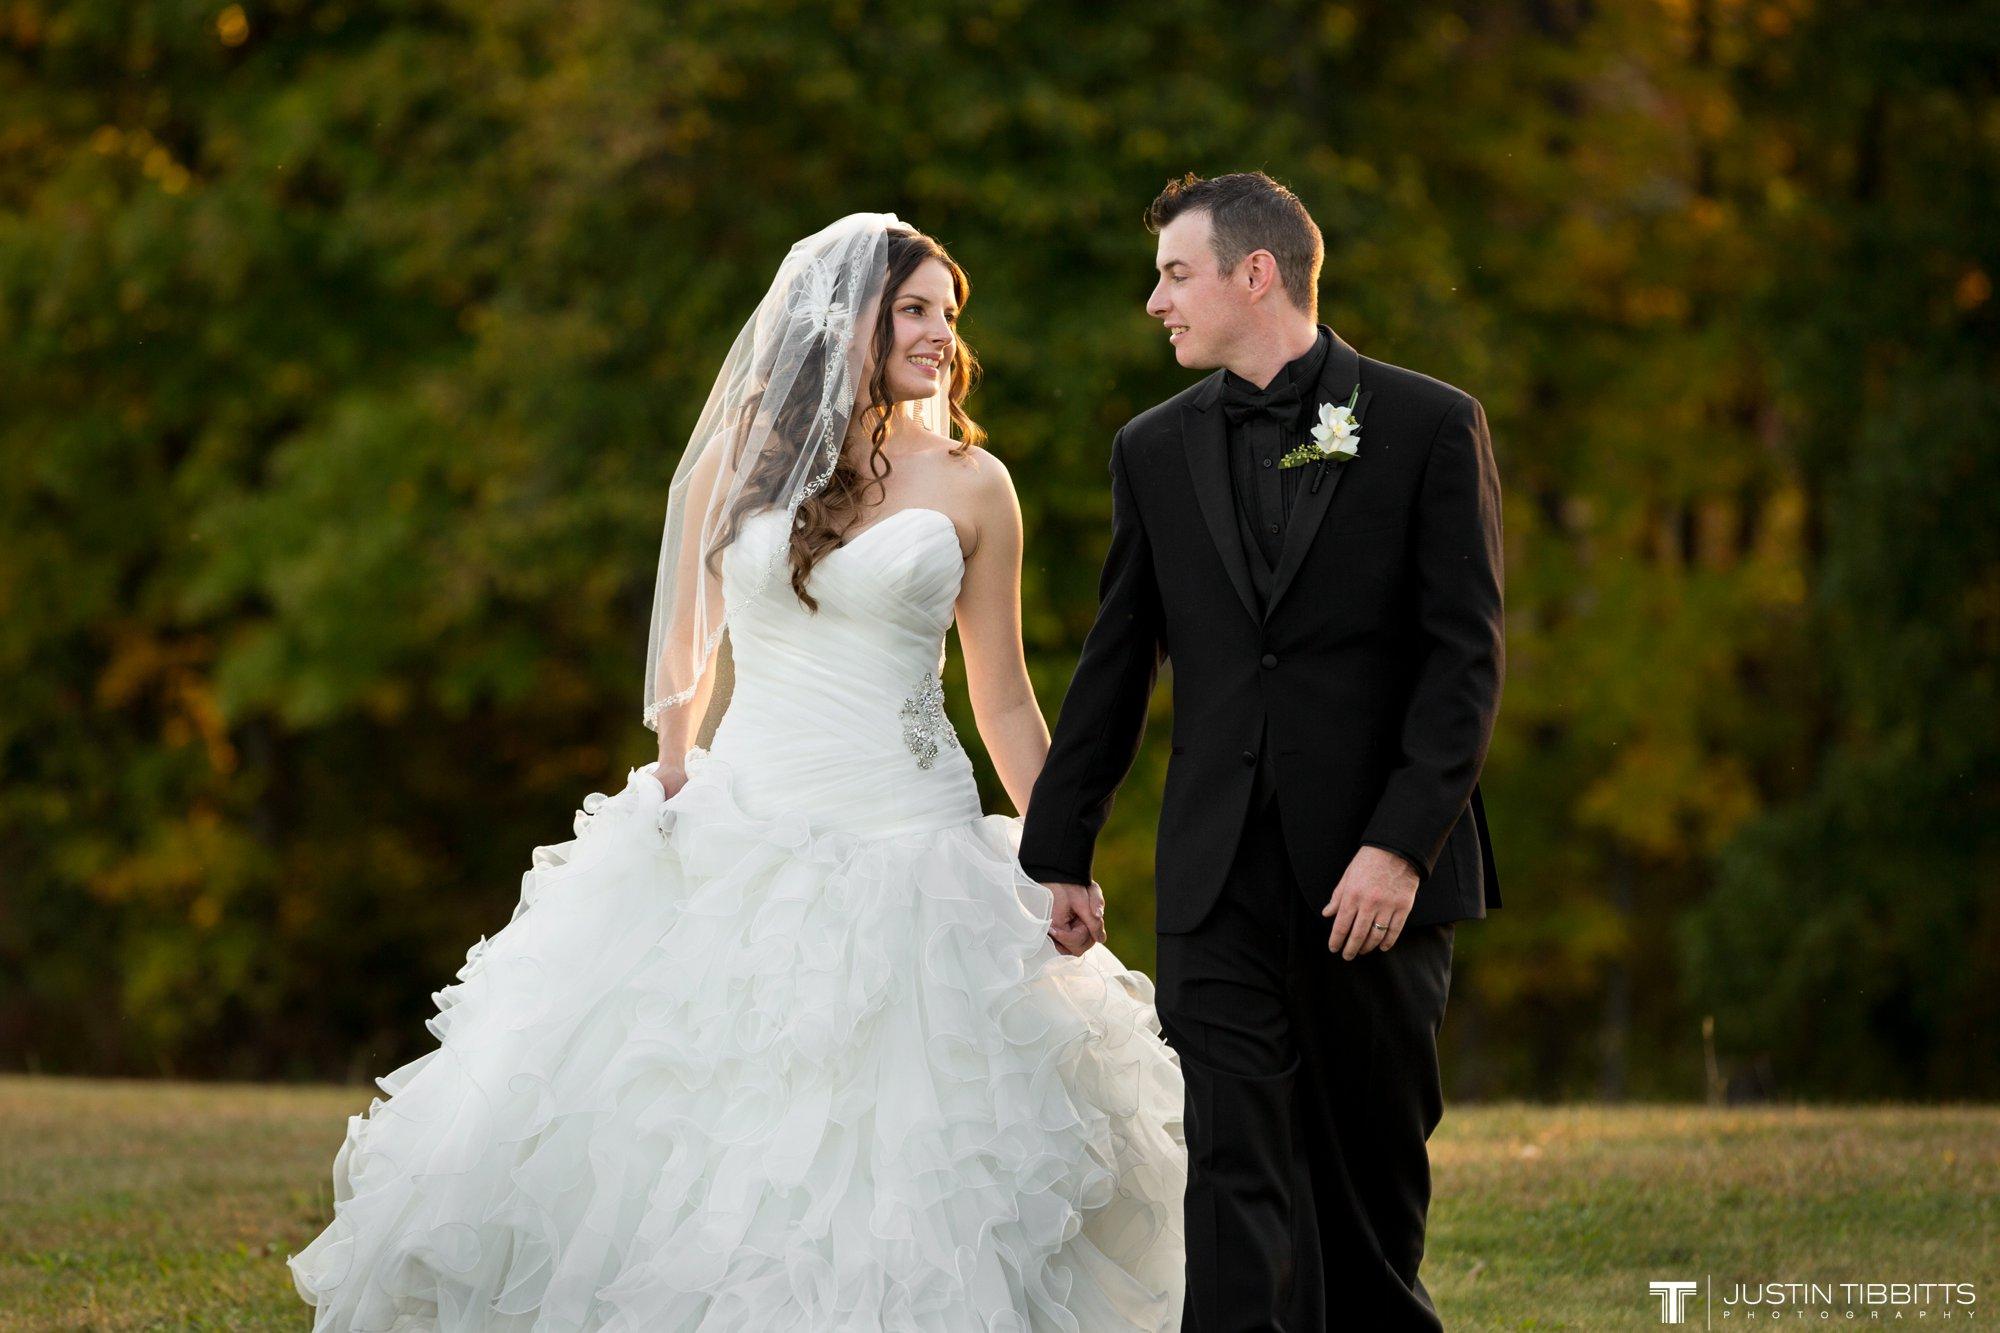 Albany NY Wedding Photographer Justin Tibbitts Photography 2014 Best of Albany NY Weddings-19092143